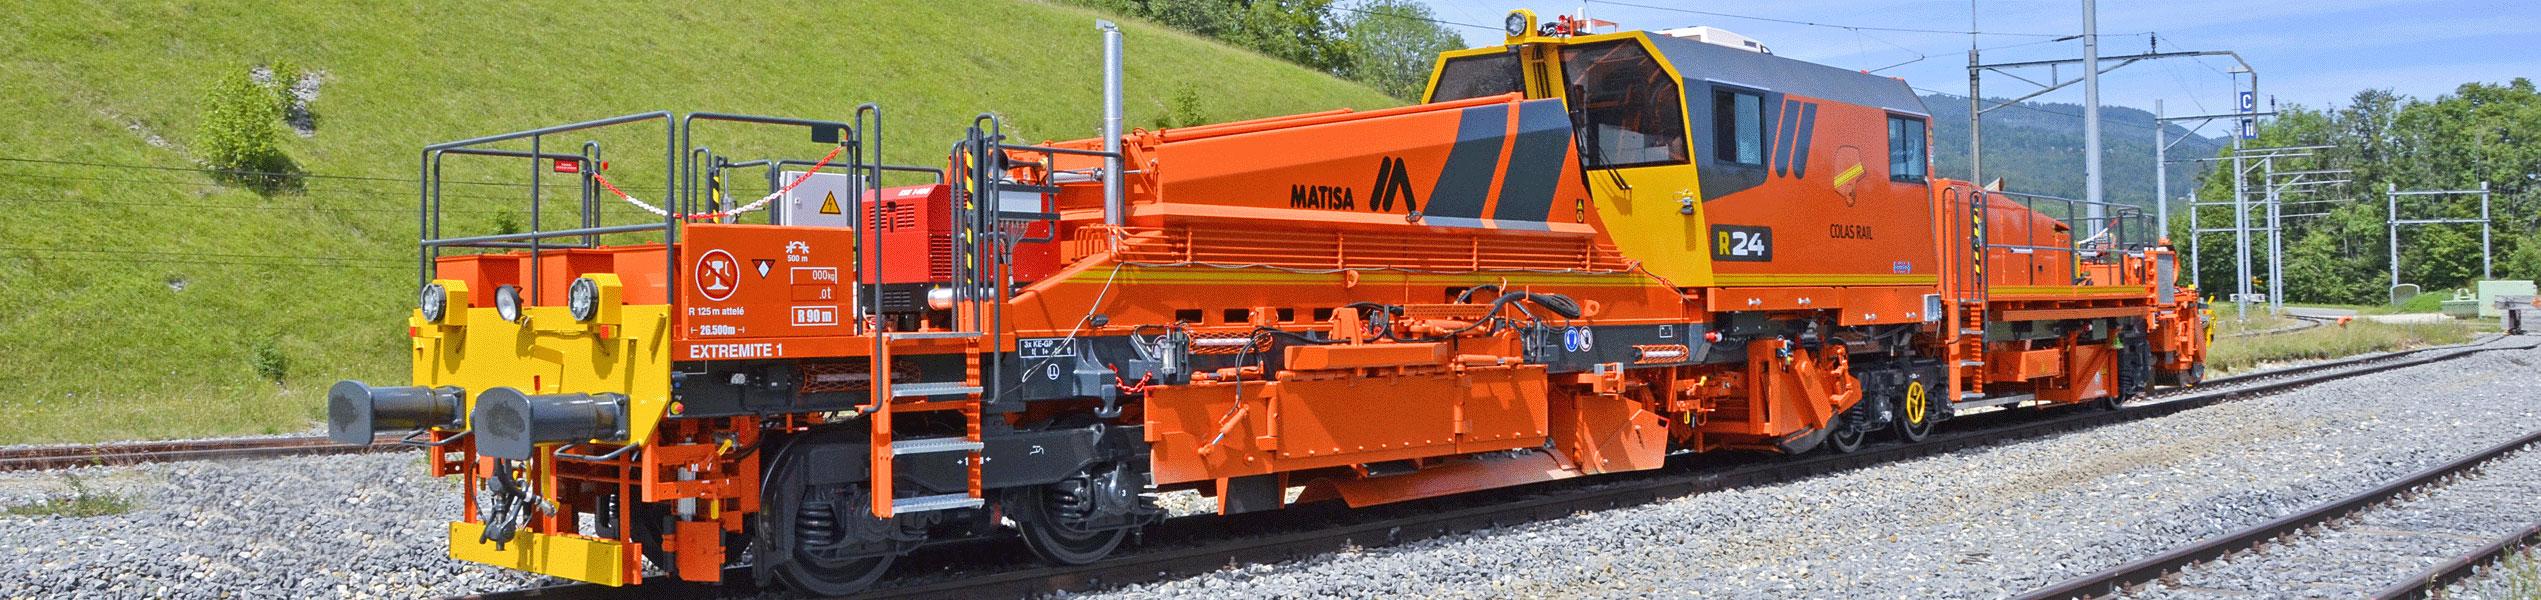 matisa_r24_colas_rail_2